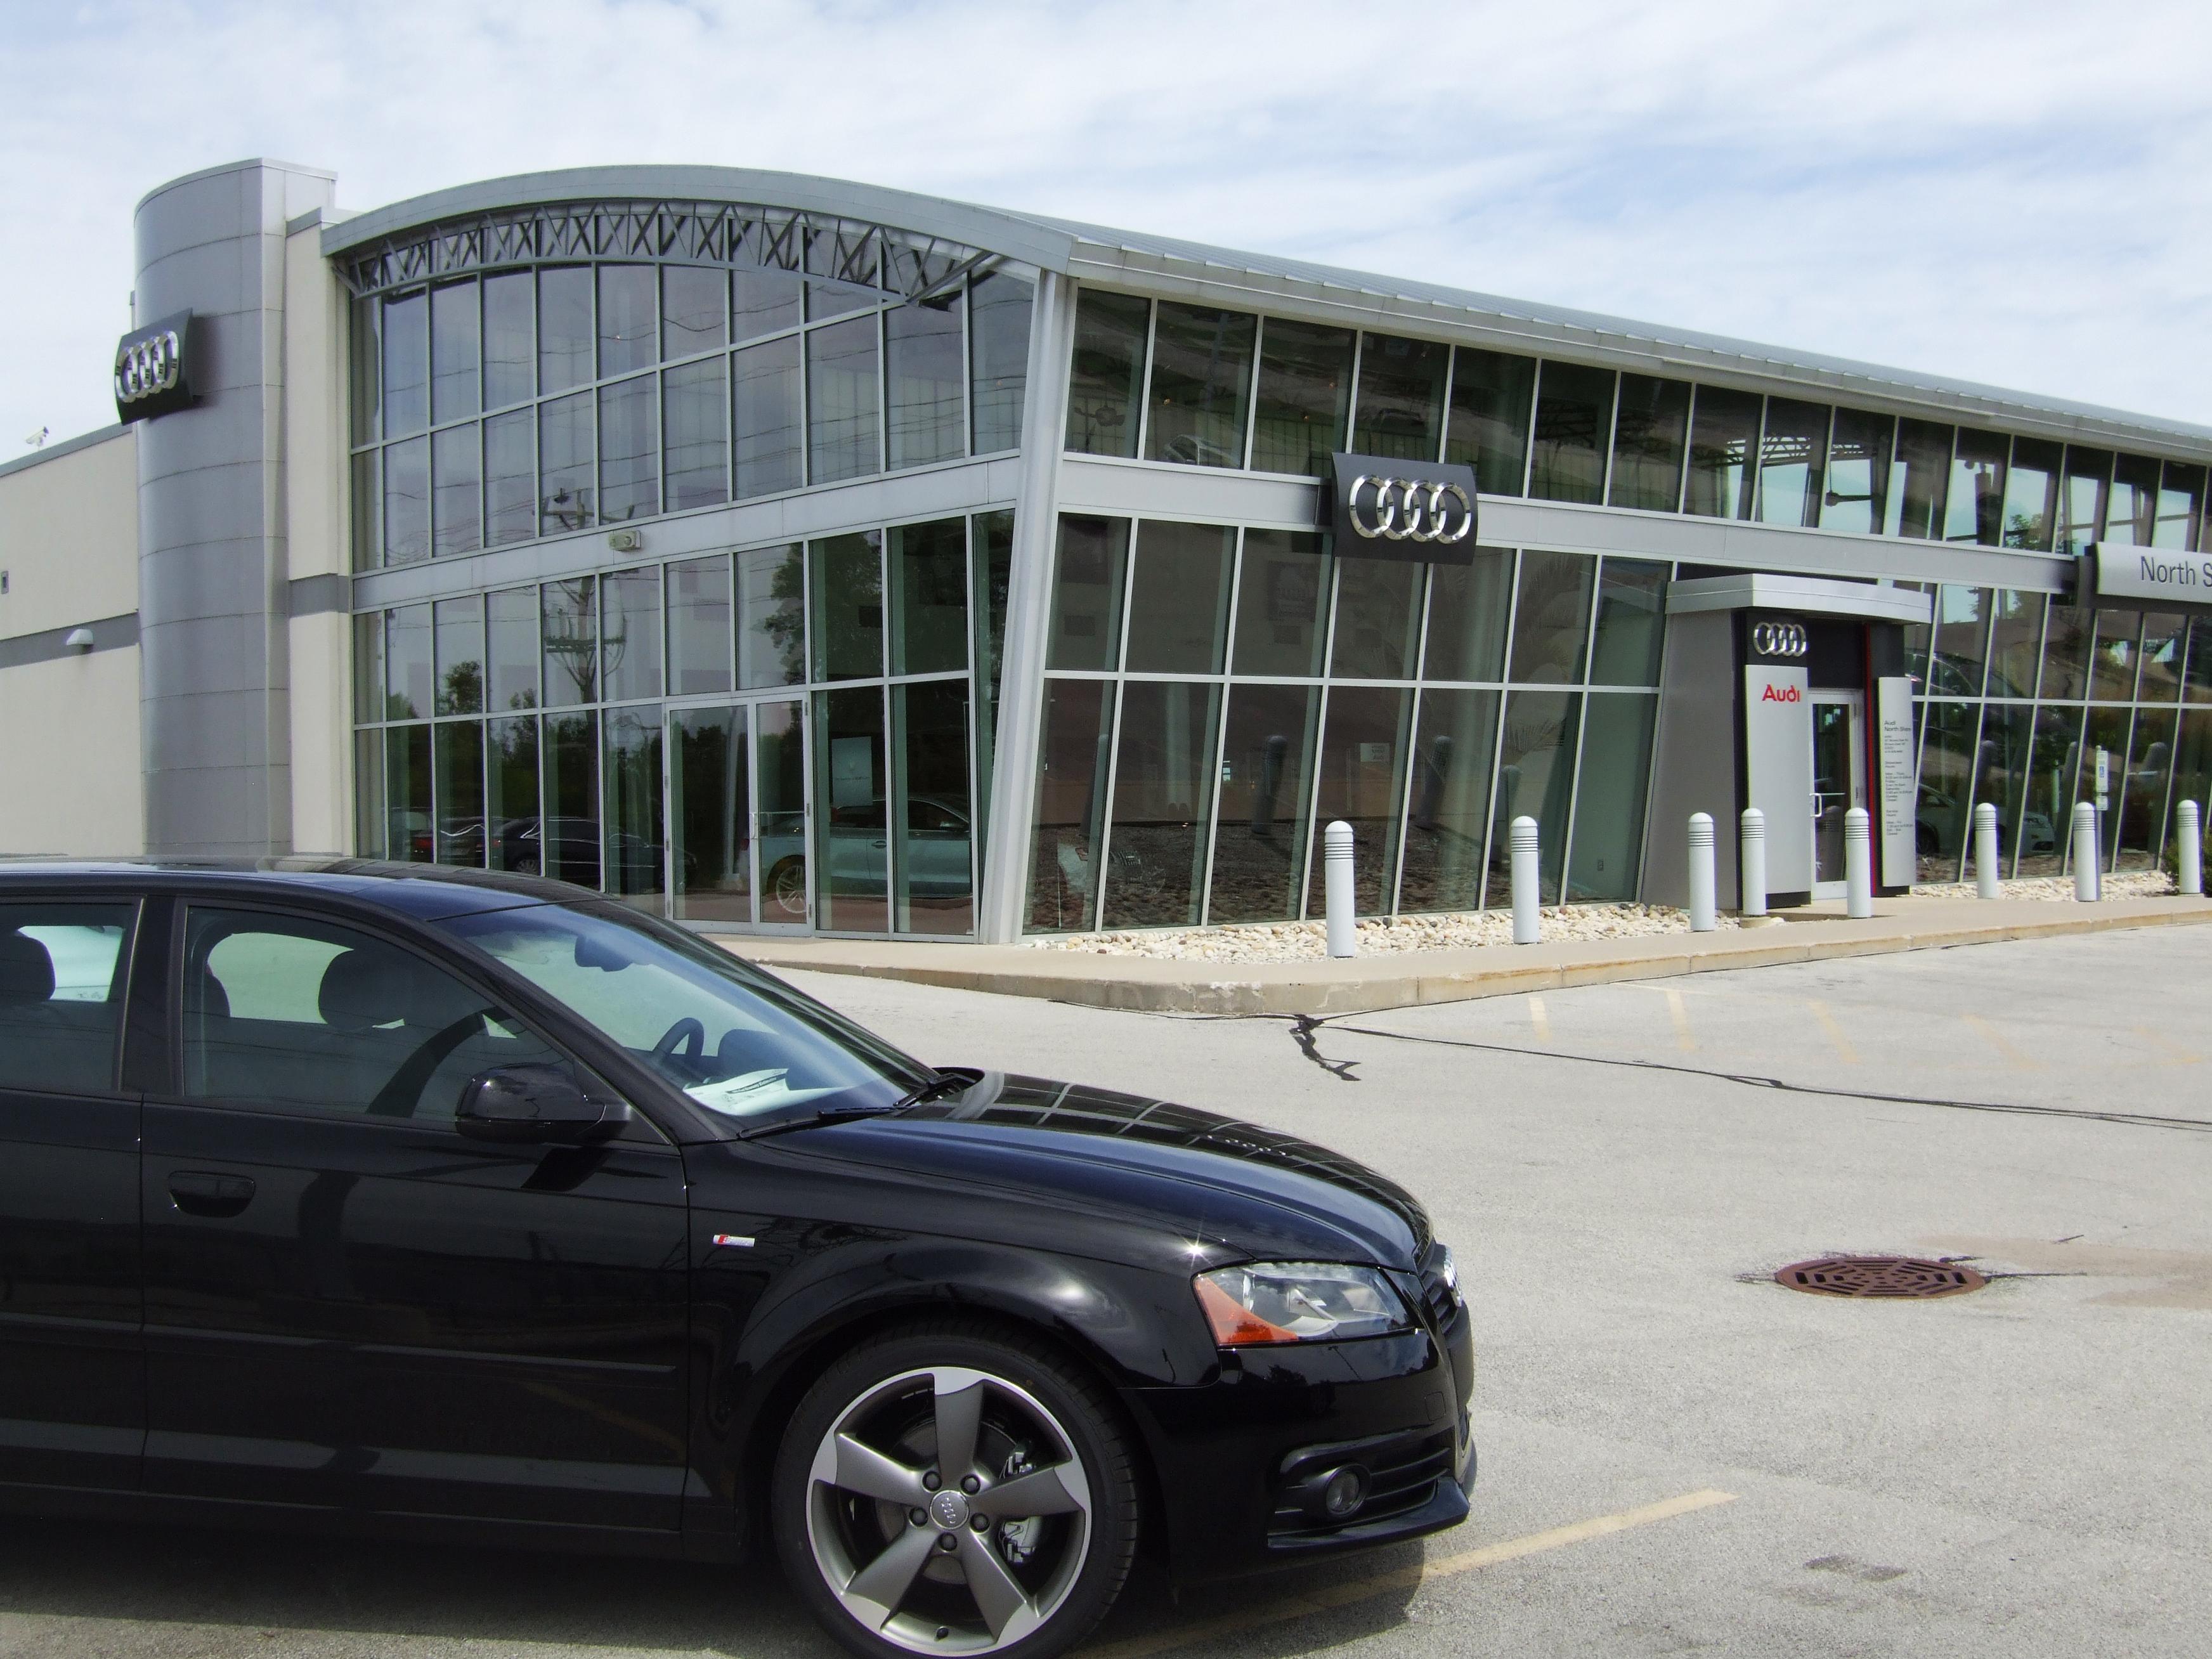 Audi 039.jpg